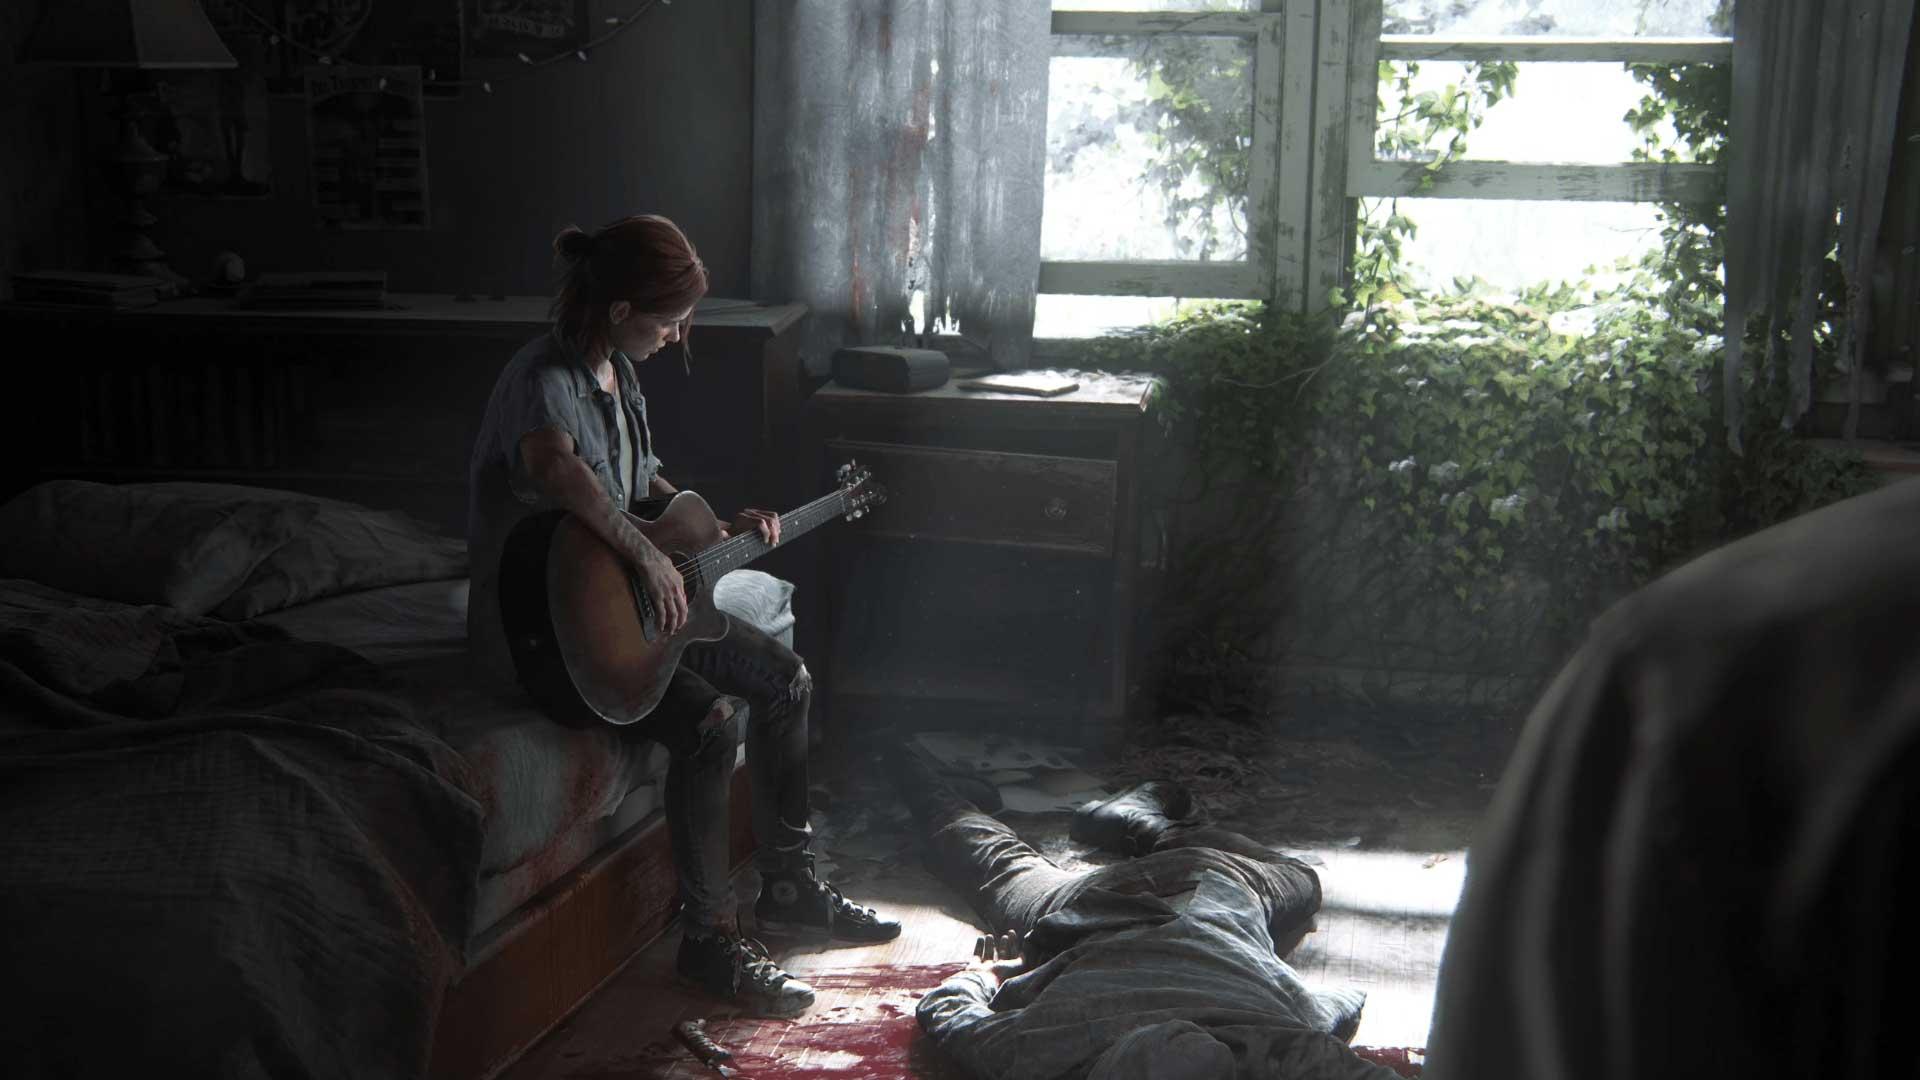 الی غمگین با گیتار کنار پنجره و مقابل جول در نخستین تریلر بازی The Last of Us Part II